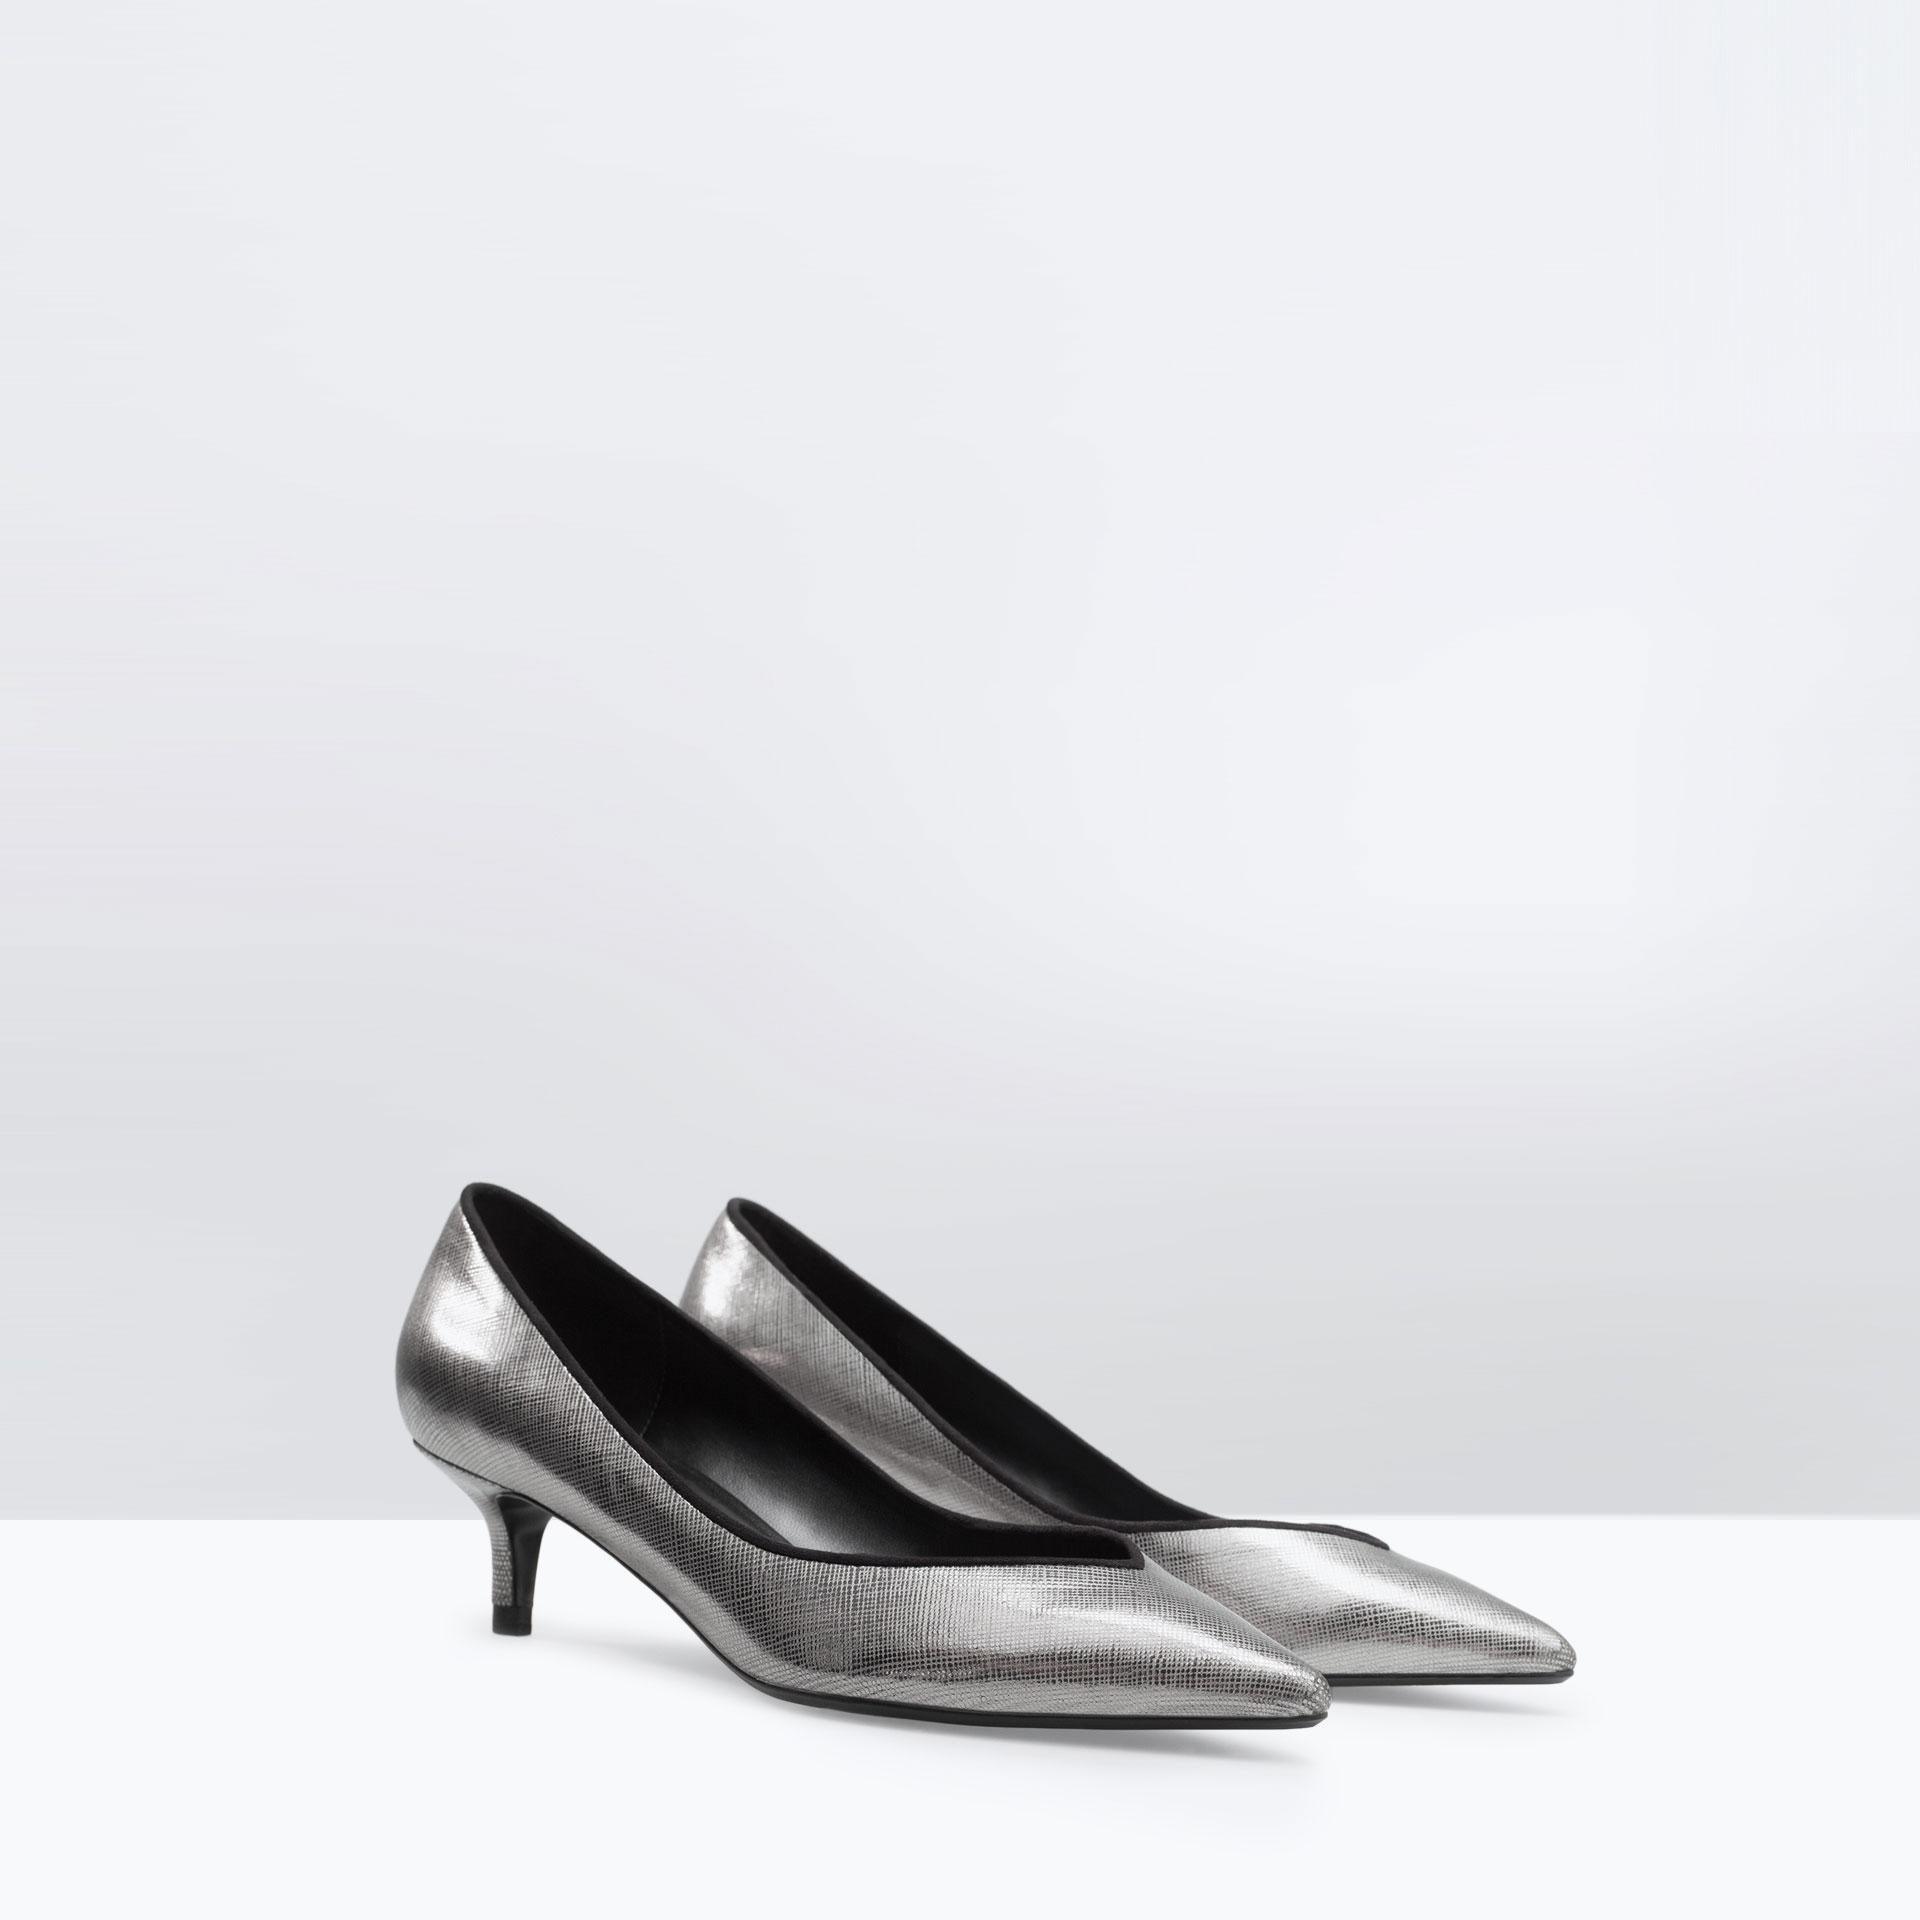 Zara Metallic Kitten Heel Pumps in Metallic | Lyst